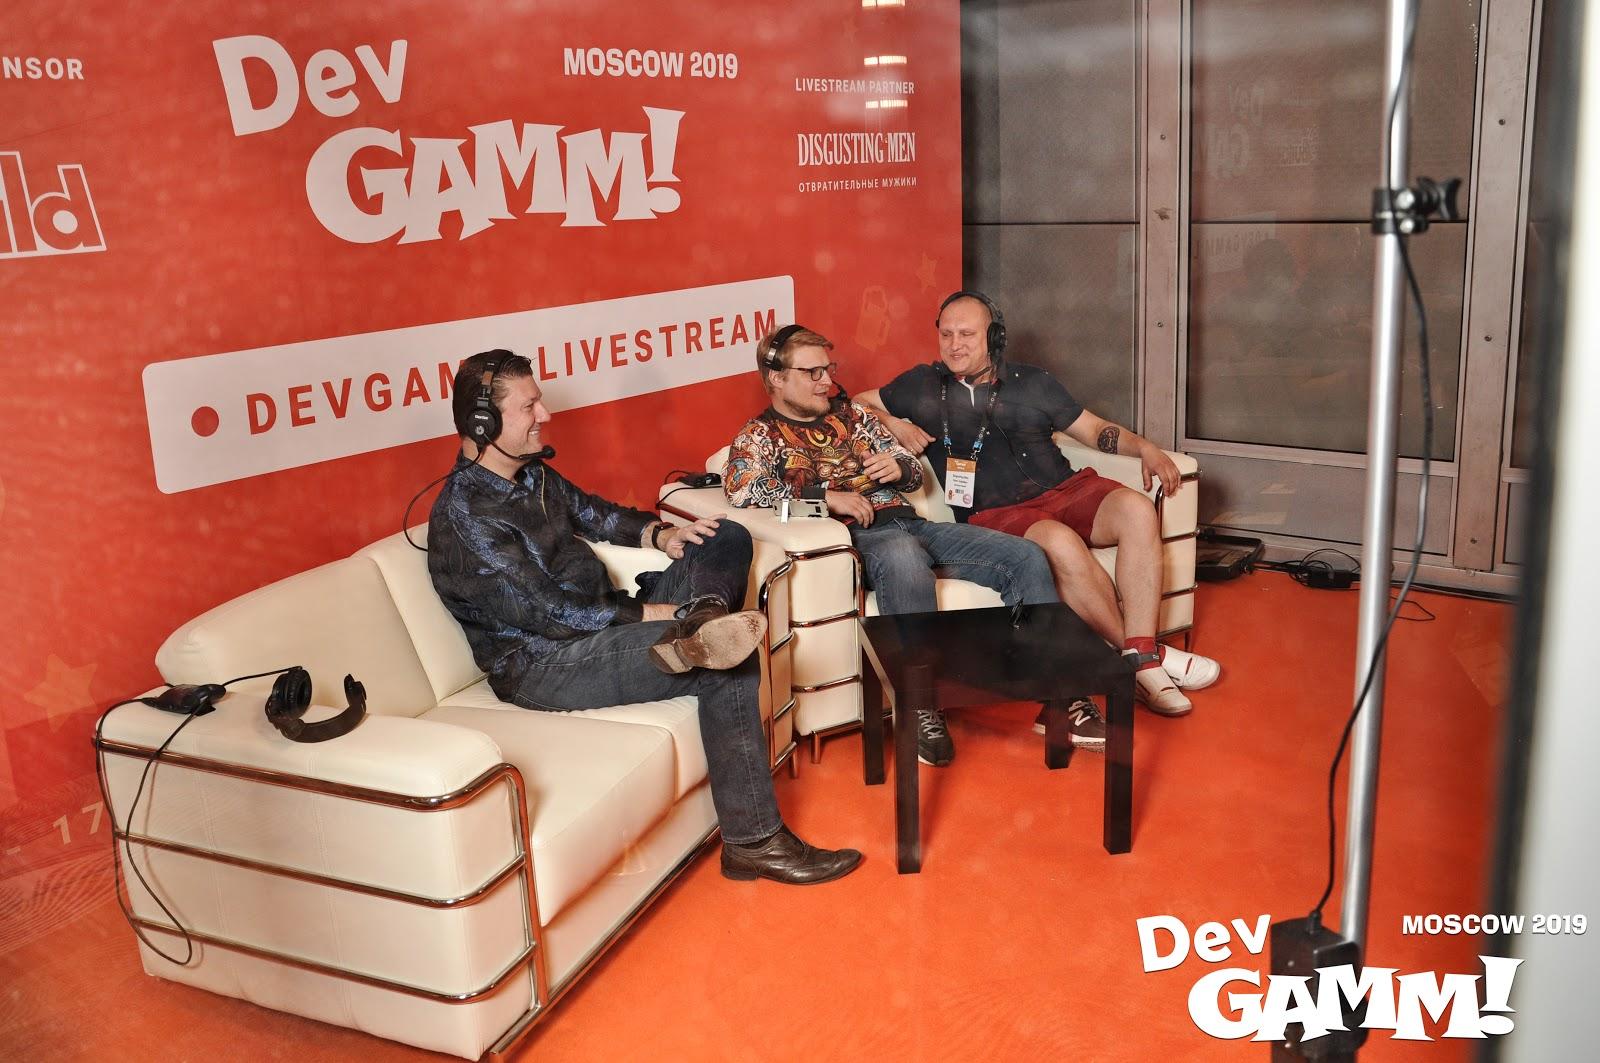 Тот, кто воскресил Duke Nukem: интервью с Рэнди Питчфордом, волшебником из Gearbox - 21